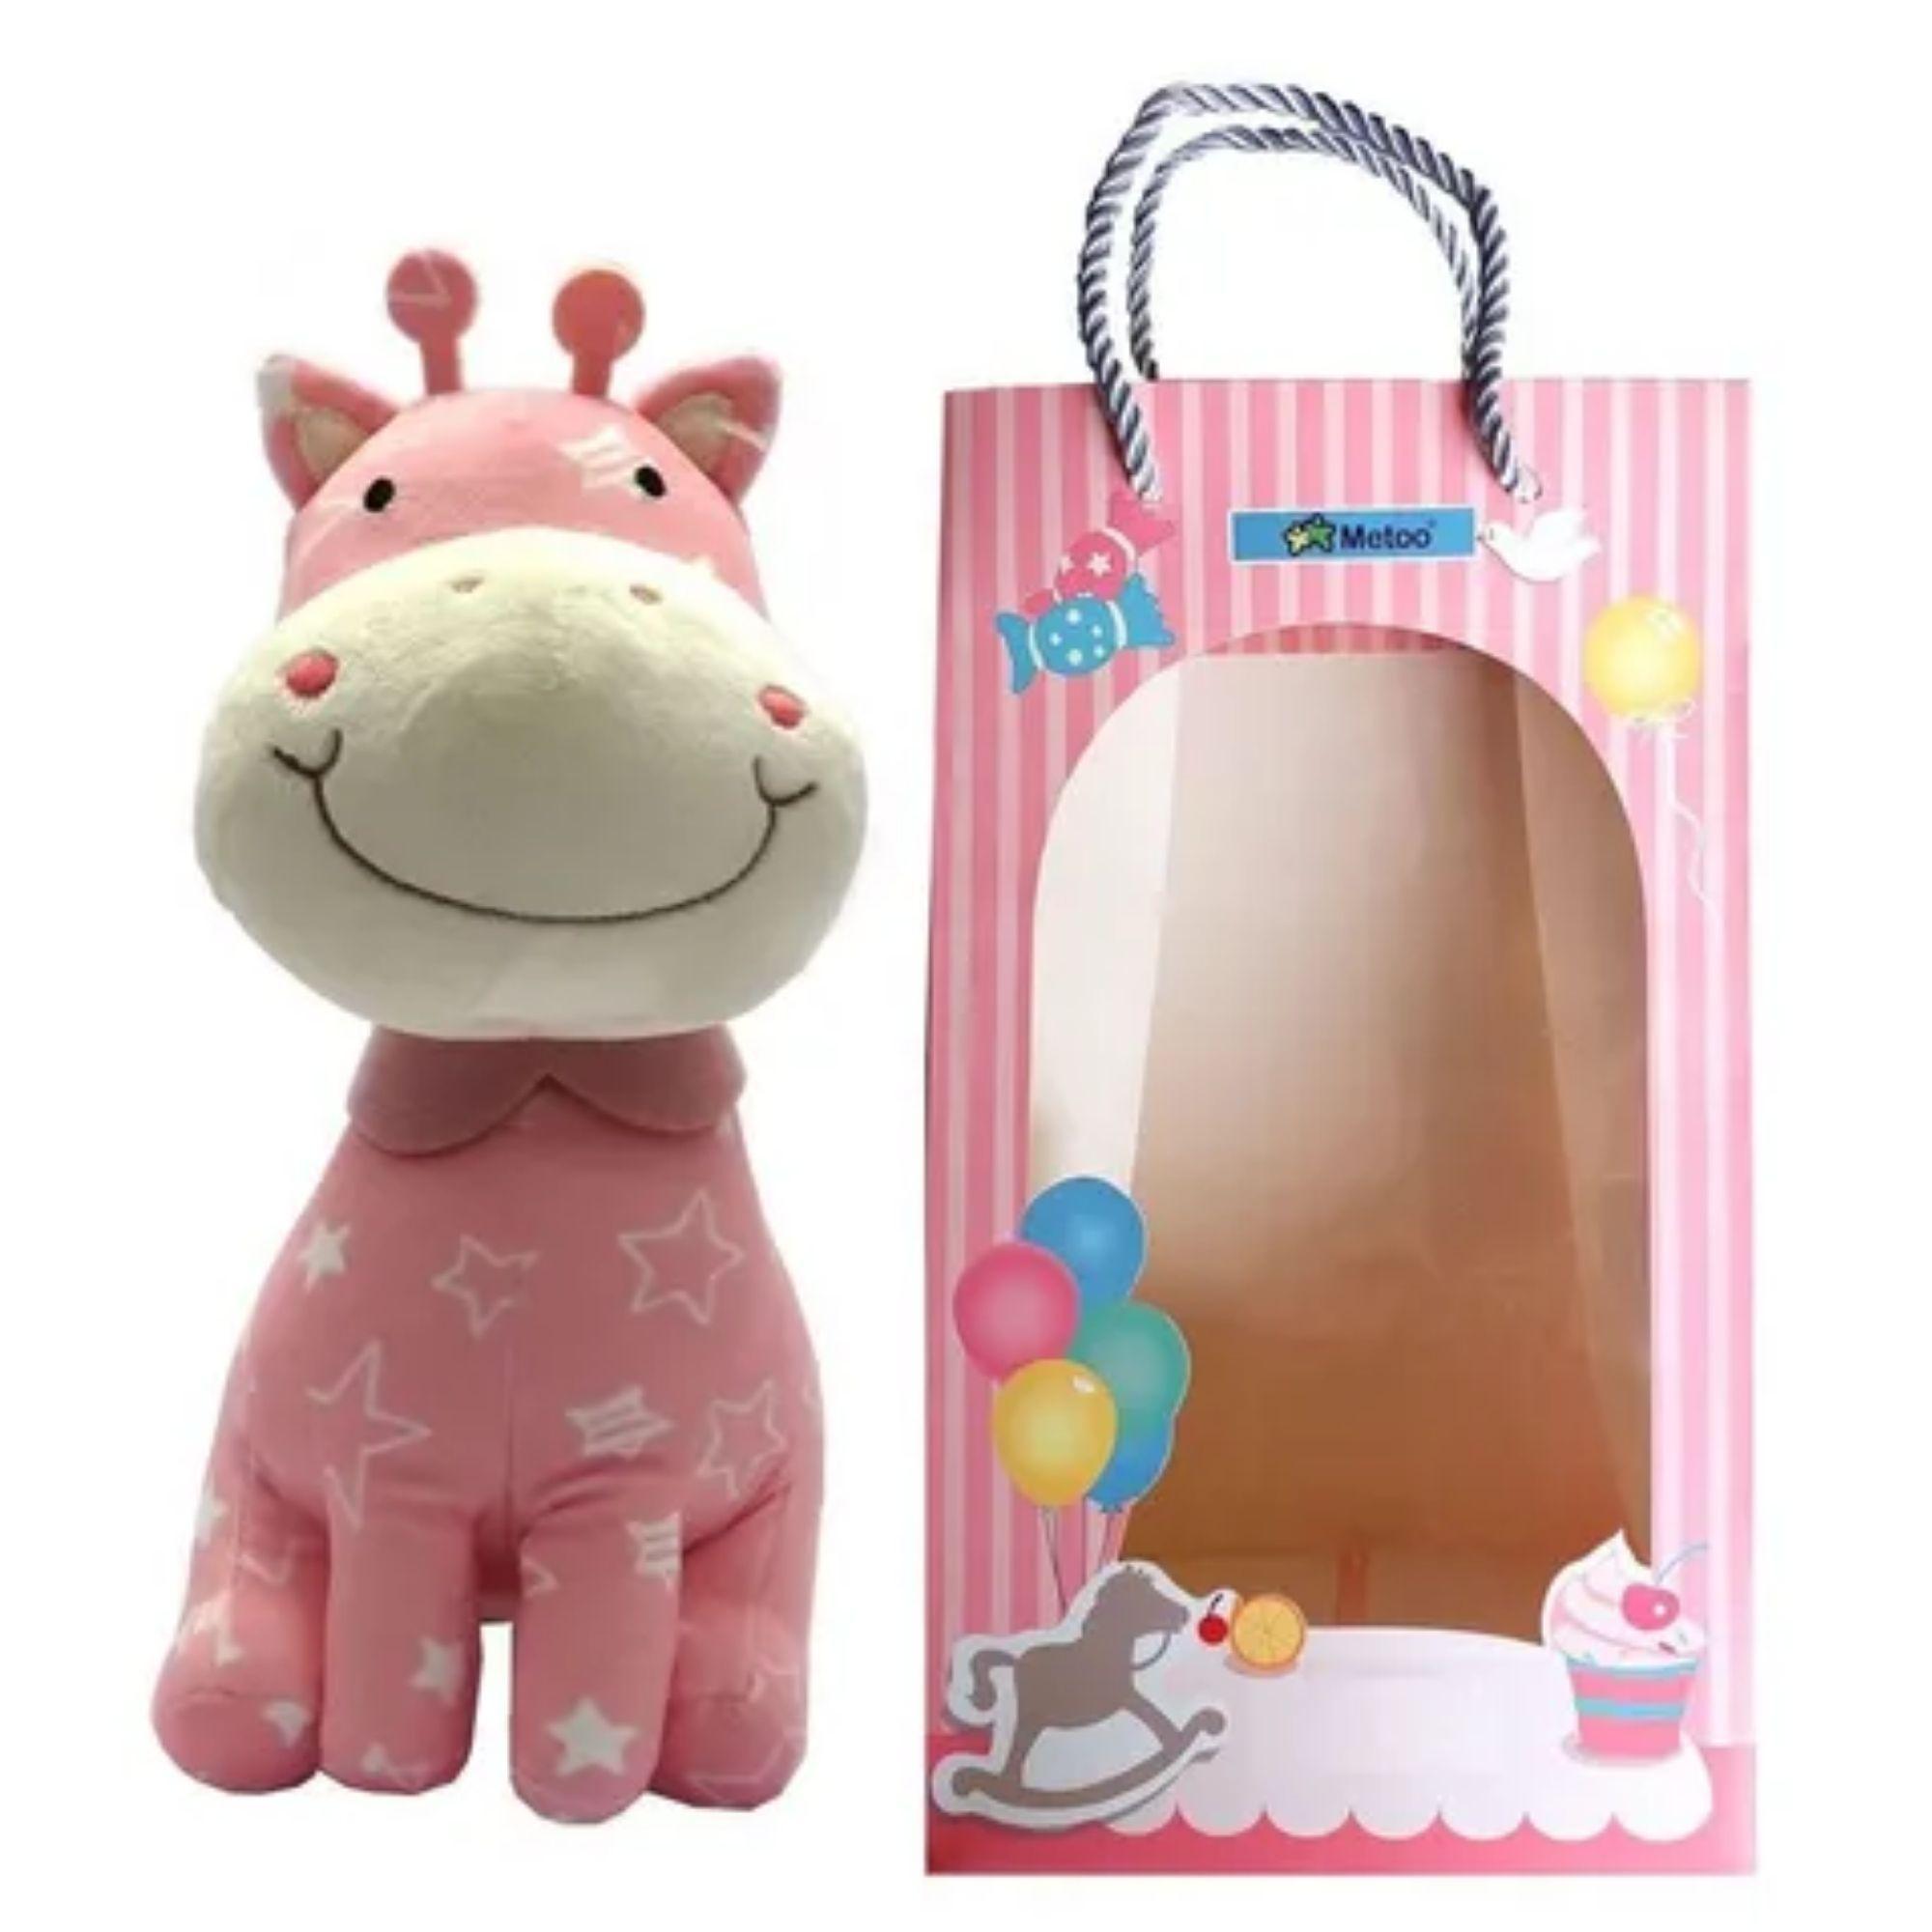 Girafa de Pelucia Metoo para Bebês Rosa ou Lilás  - Game Land Brinquedos